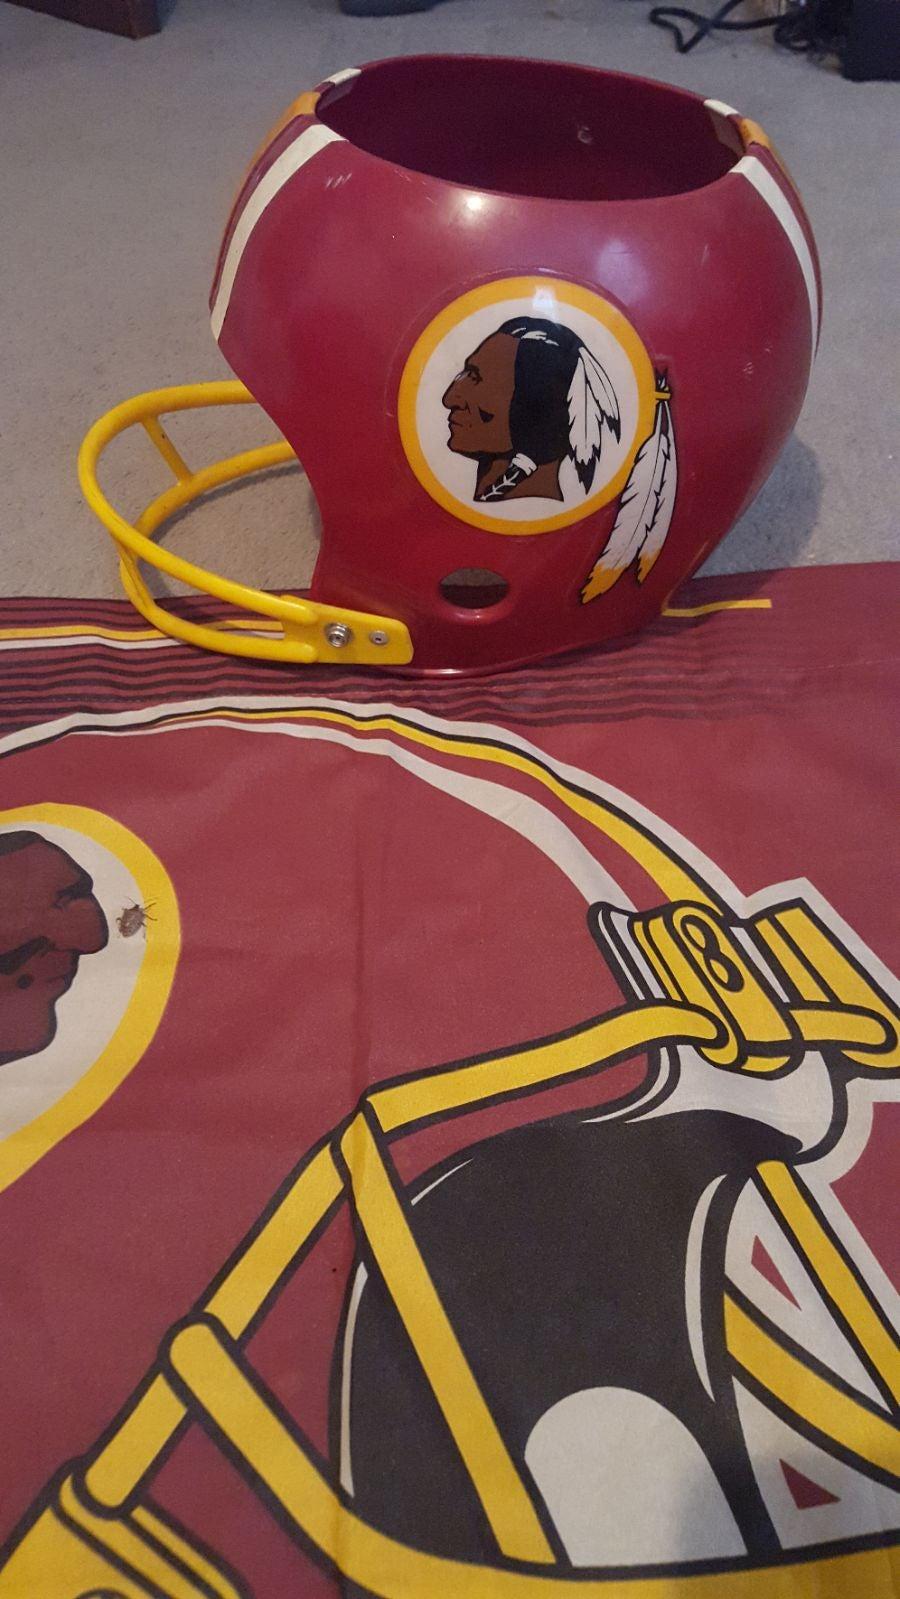 Vintage Washington Redskins Helmet, Flag